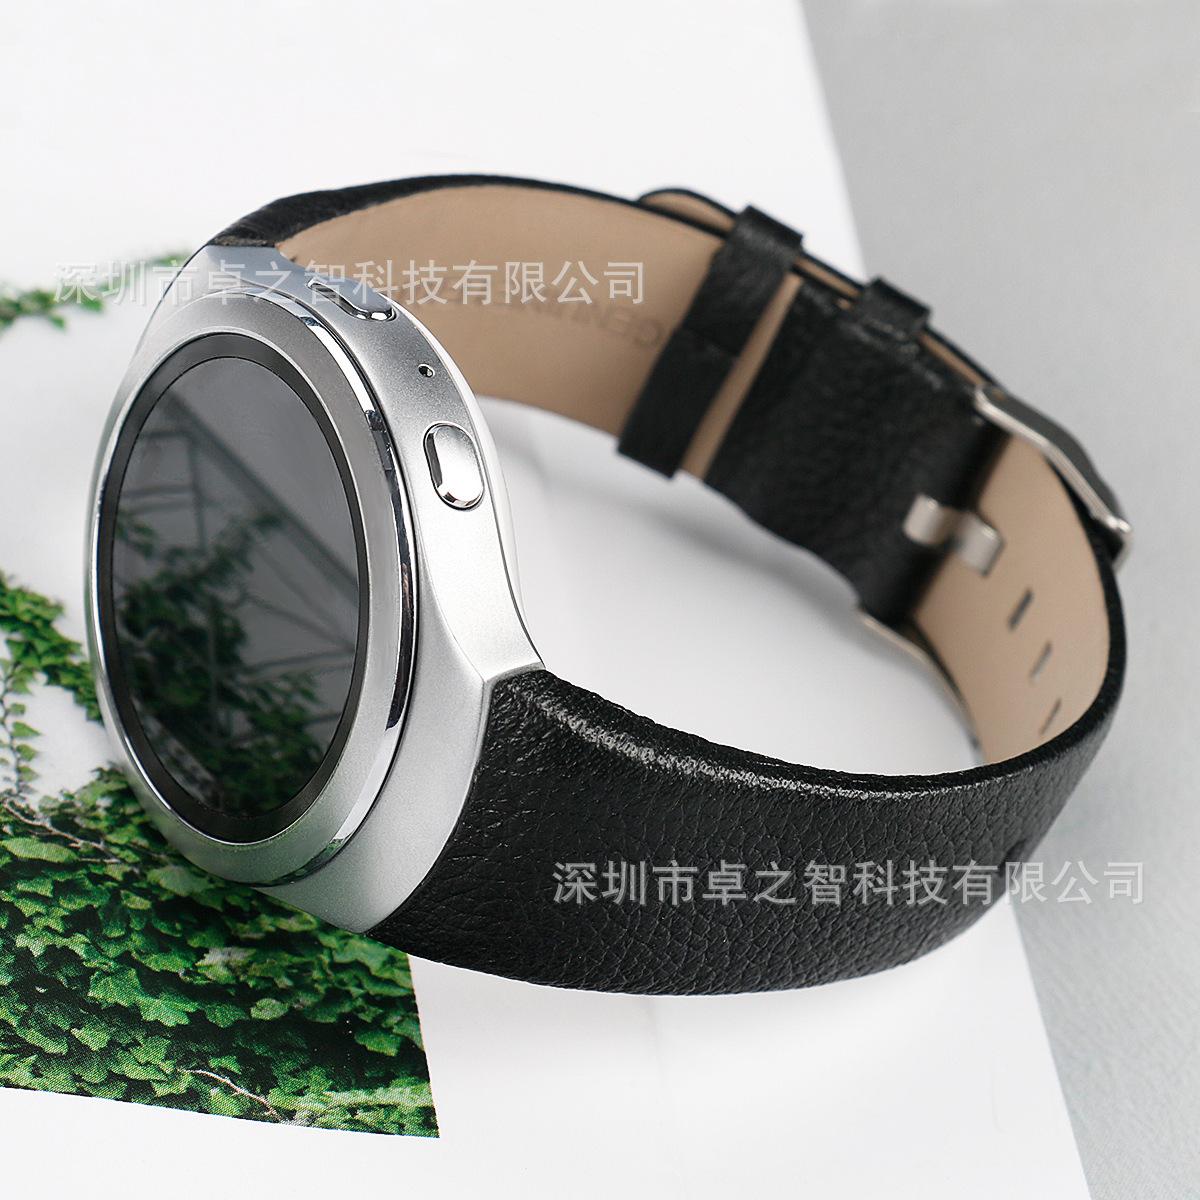 适用于三星Samsung Gear S2真皮表带 智能手表手表带 头层牛皮